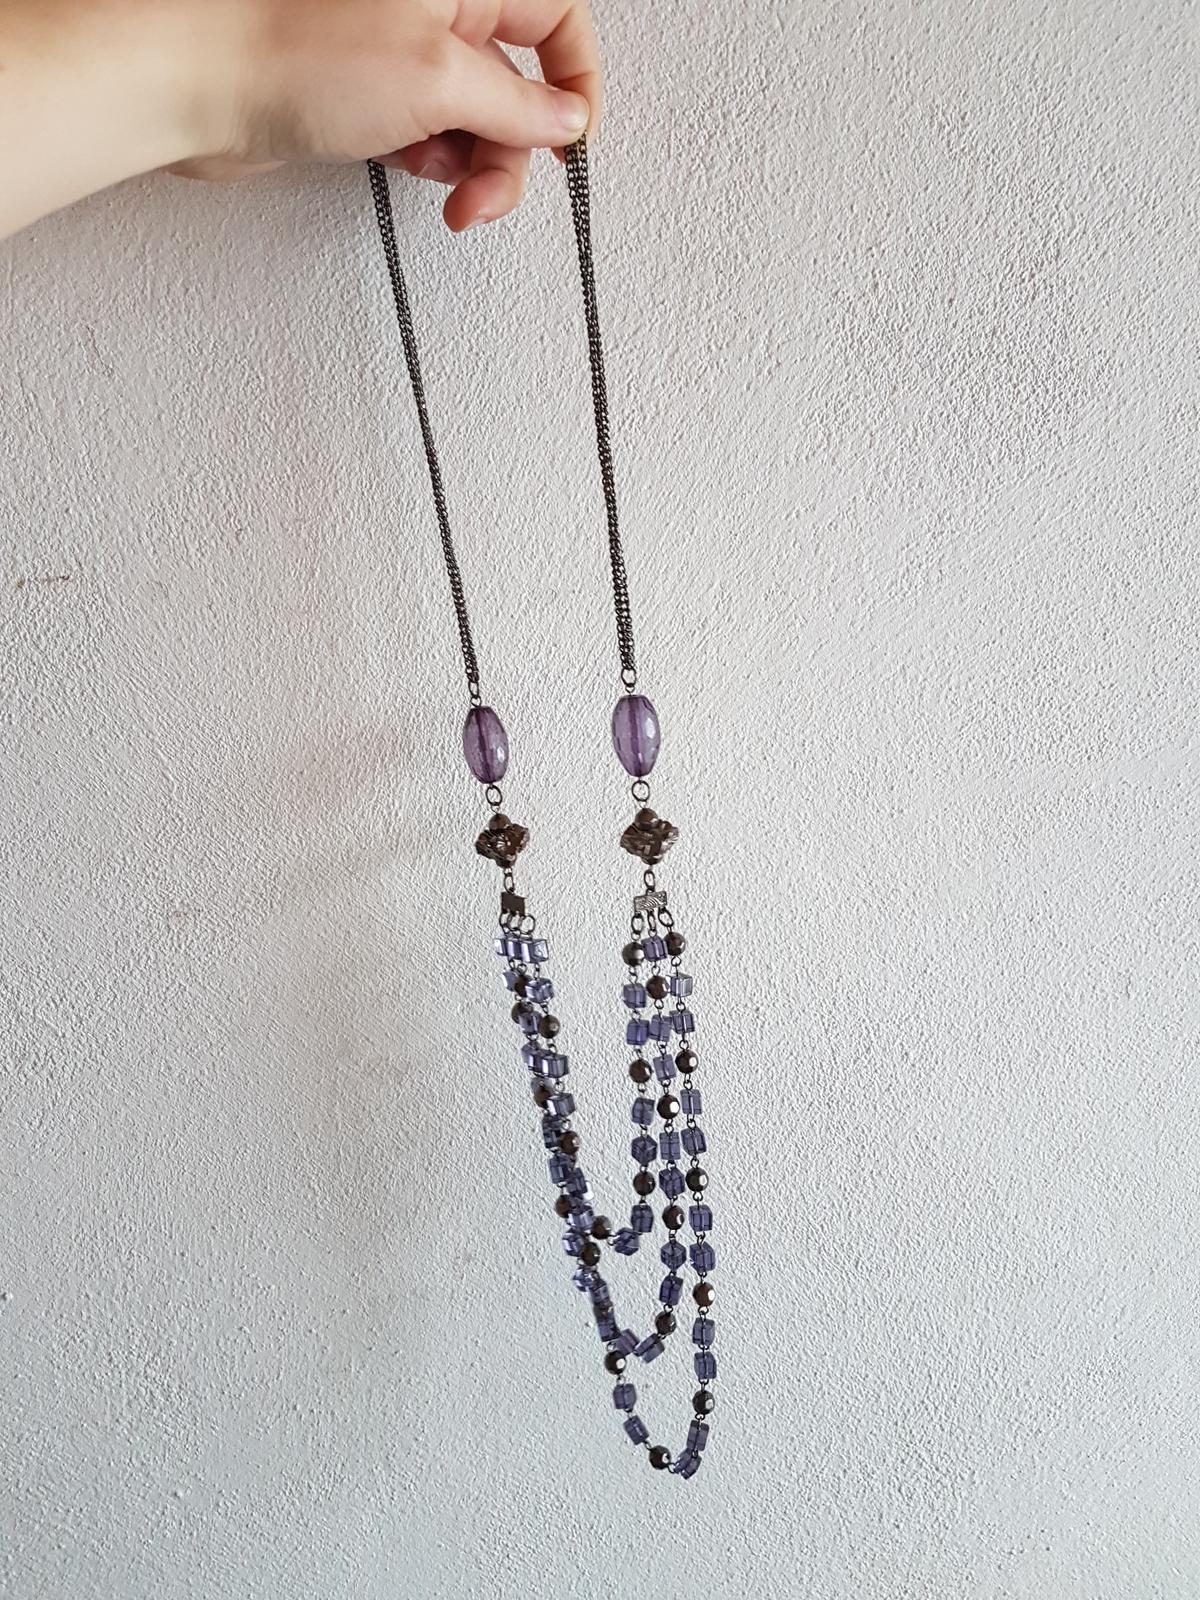 Dlhý náhrdelník - Obrázek č. 1